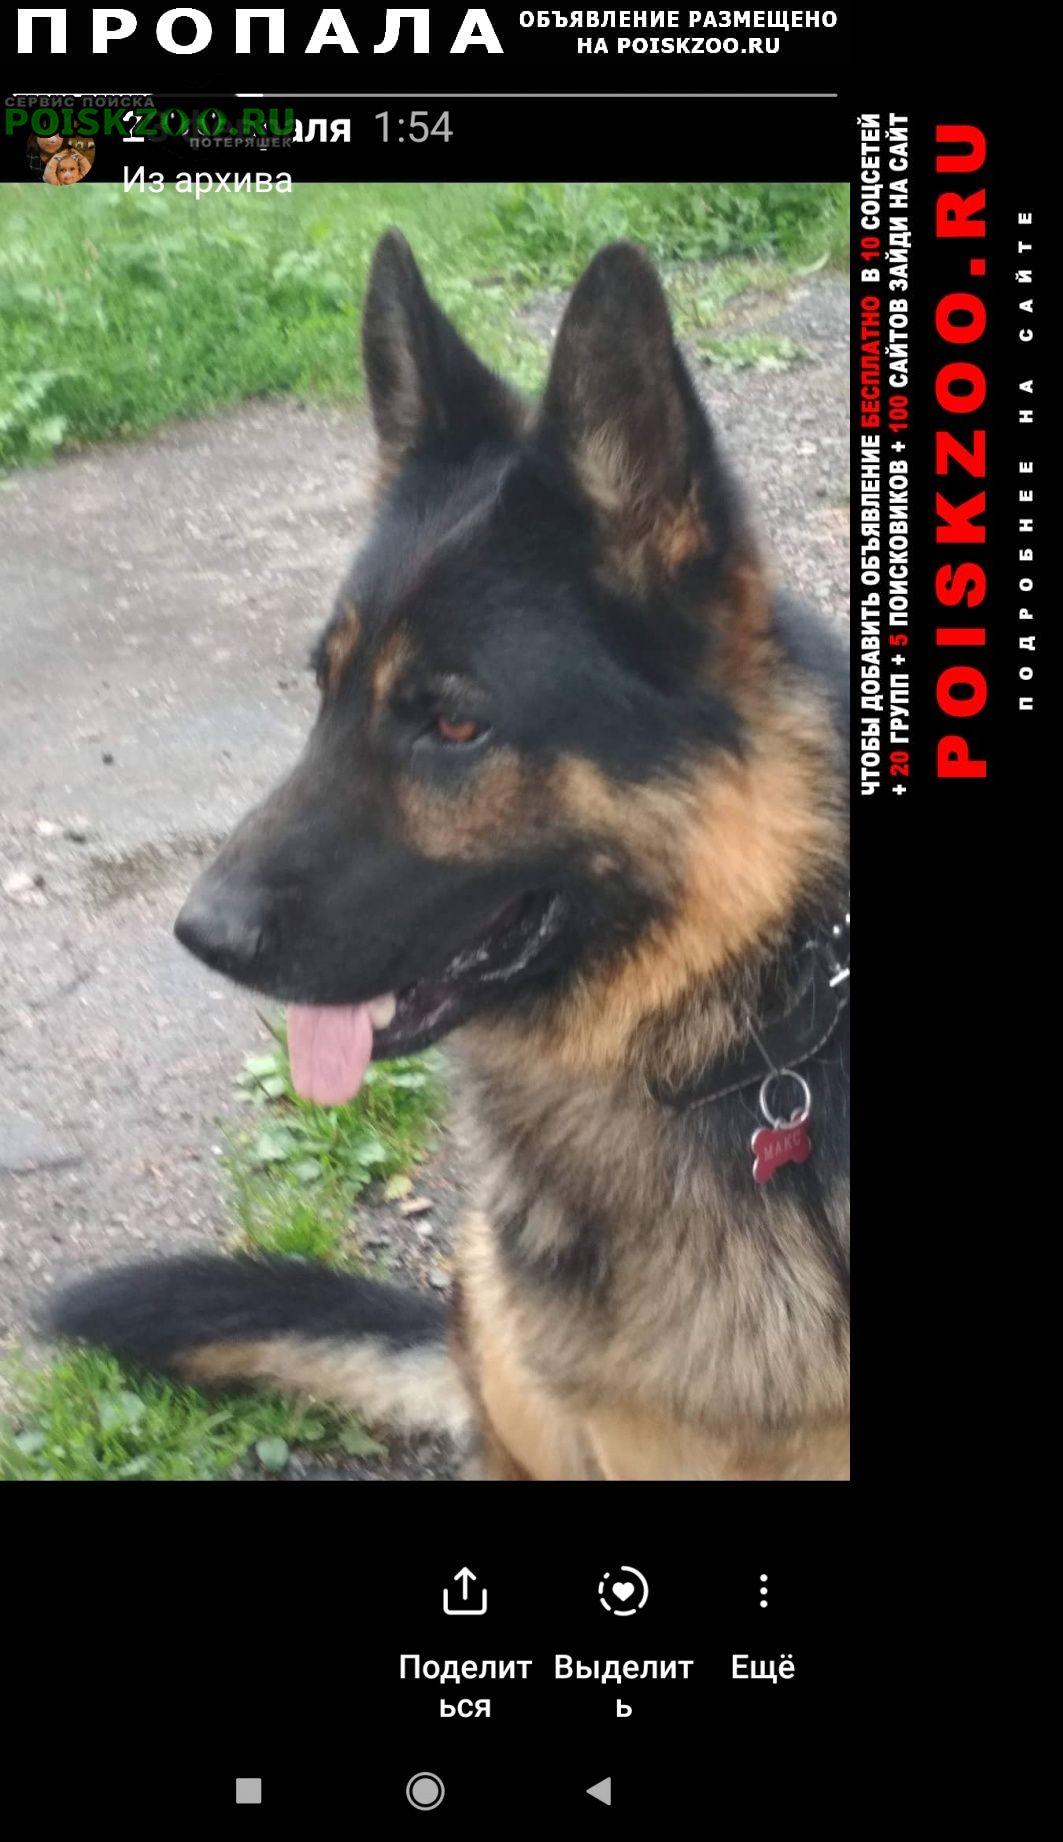 Пропала собака кобель осташковское шоссе, челобитьево. Мытищи